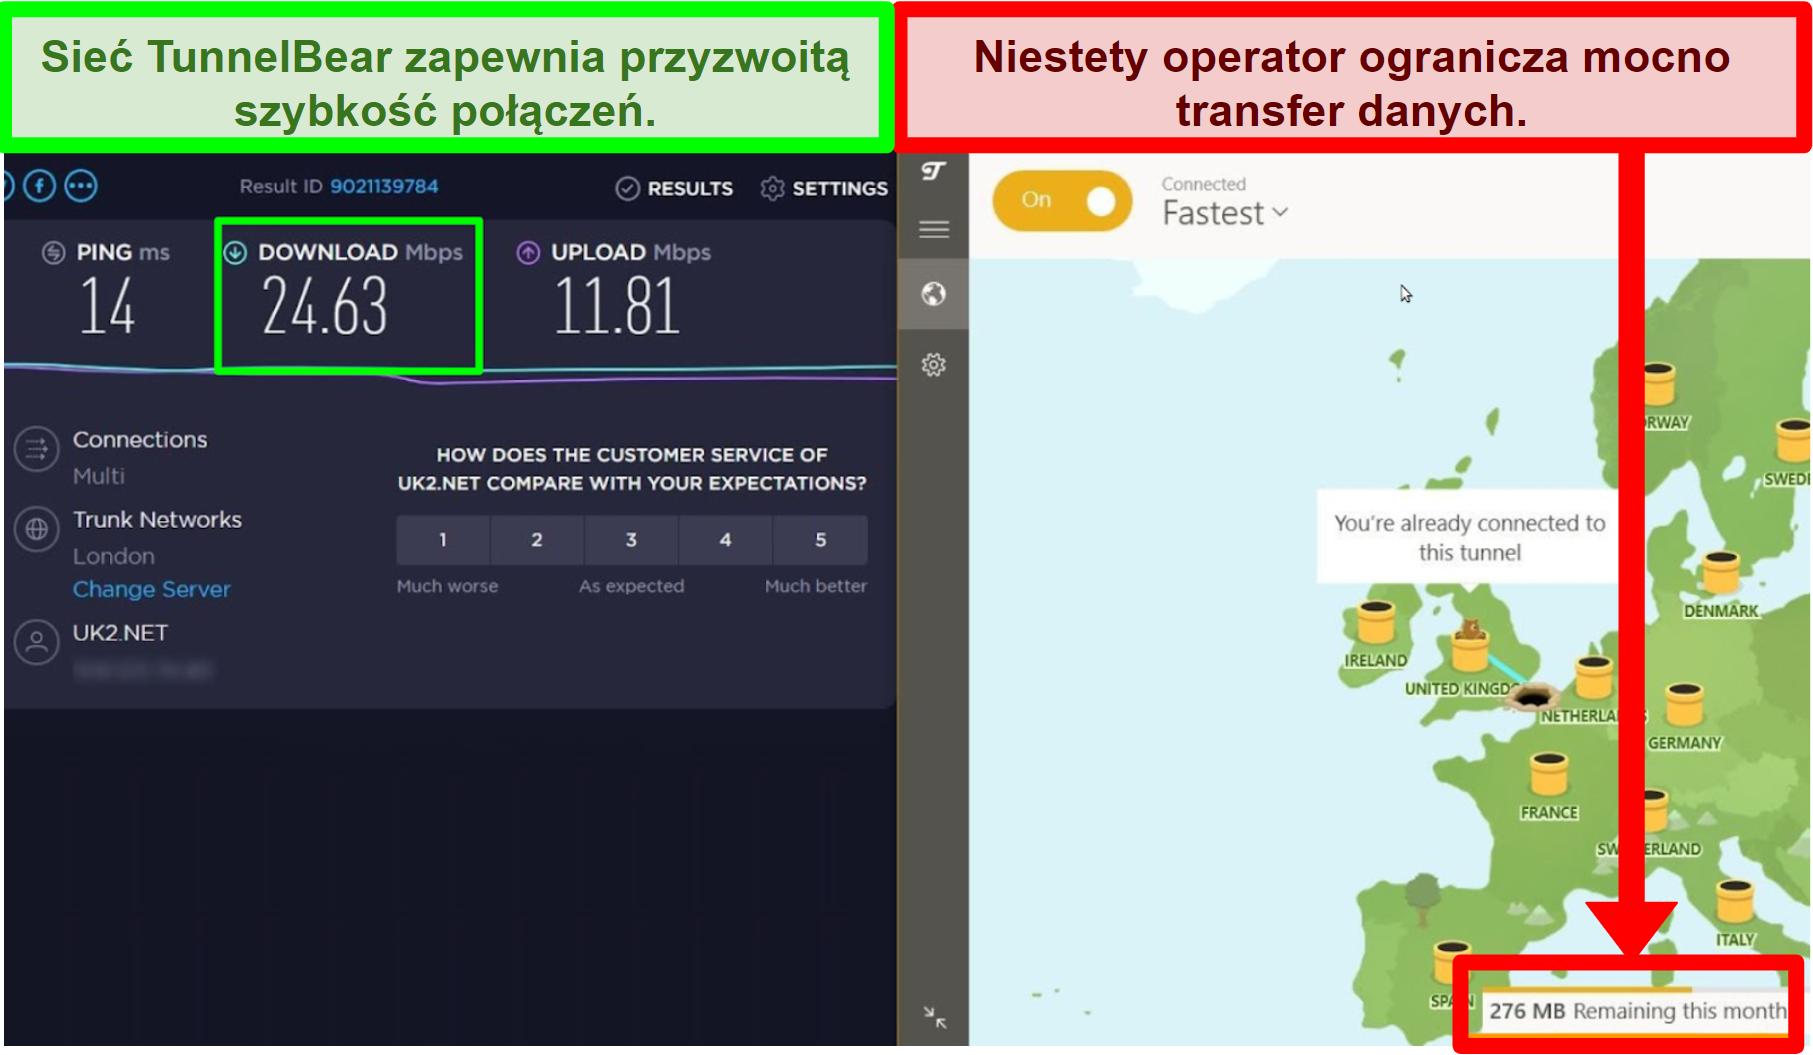 TunnelBear ma dobre prędkości, ale ogranicza dane użytkownika